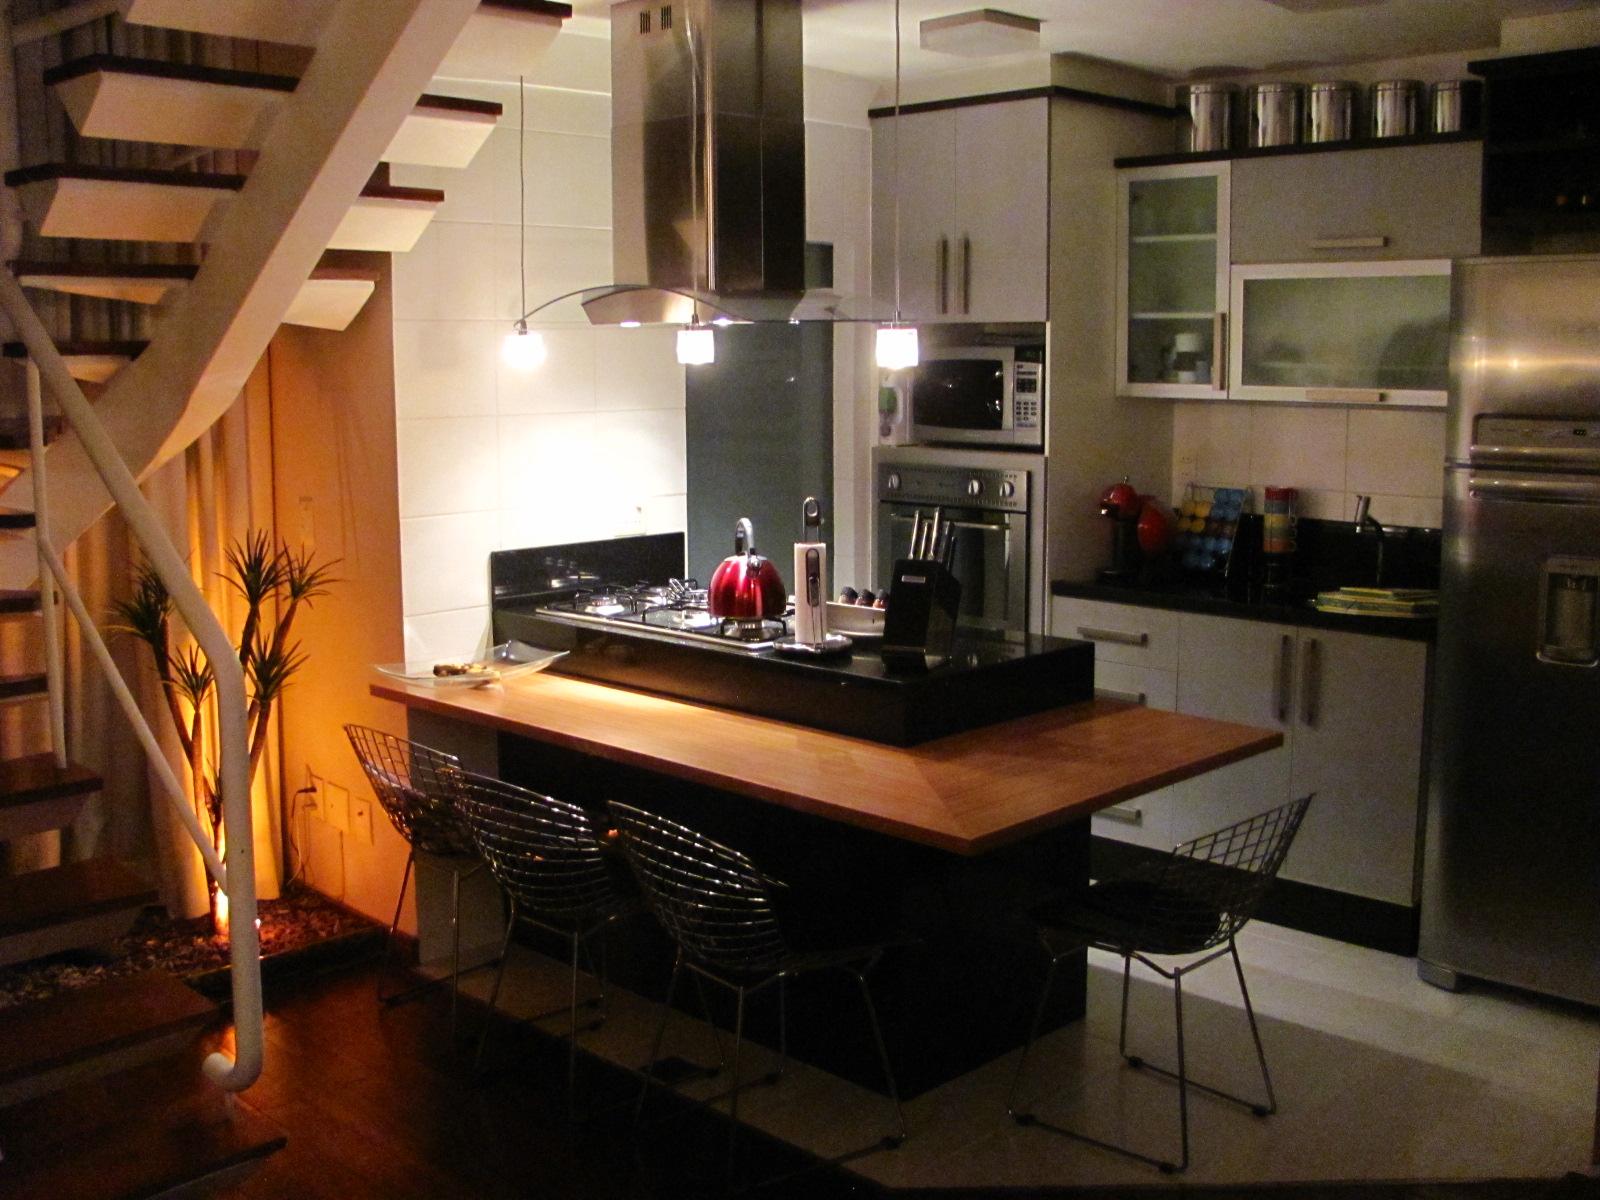 Dicas para não errar na decoração da cozinha Americana 2 #C98A02 1600 1200